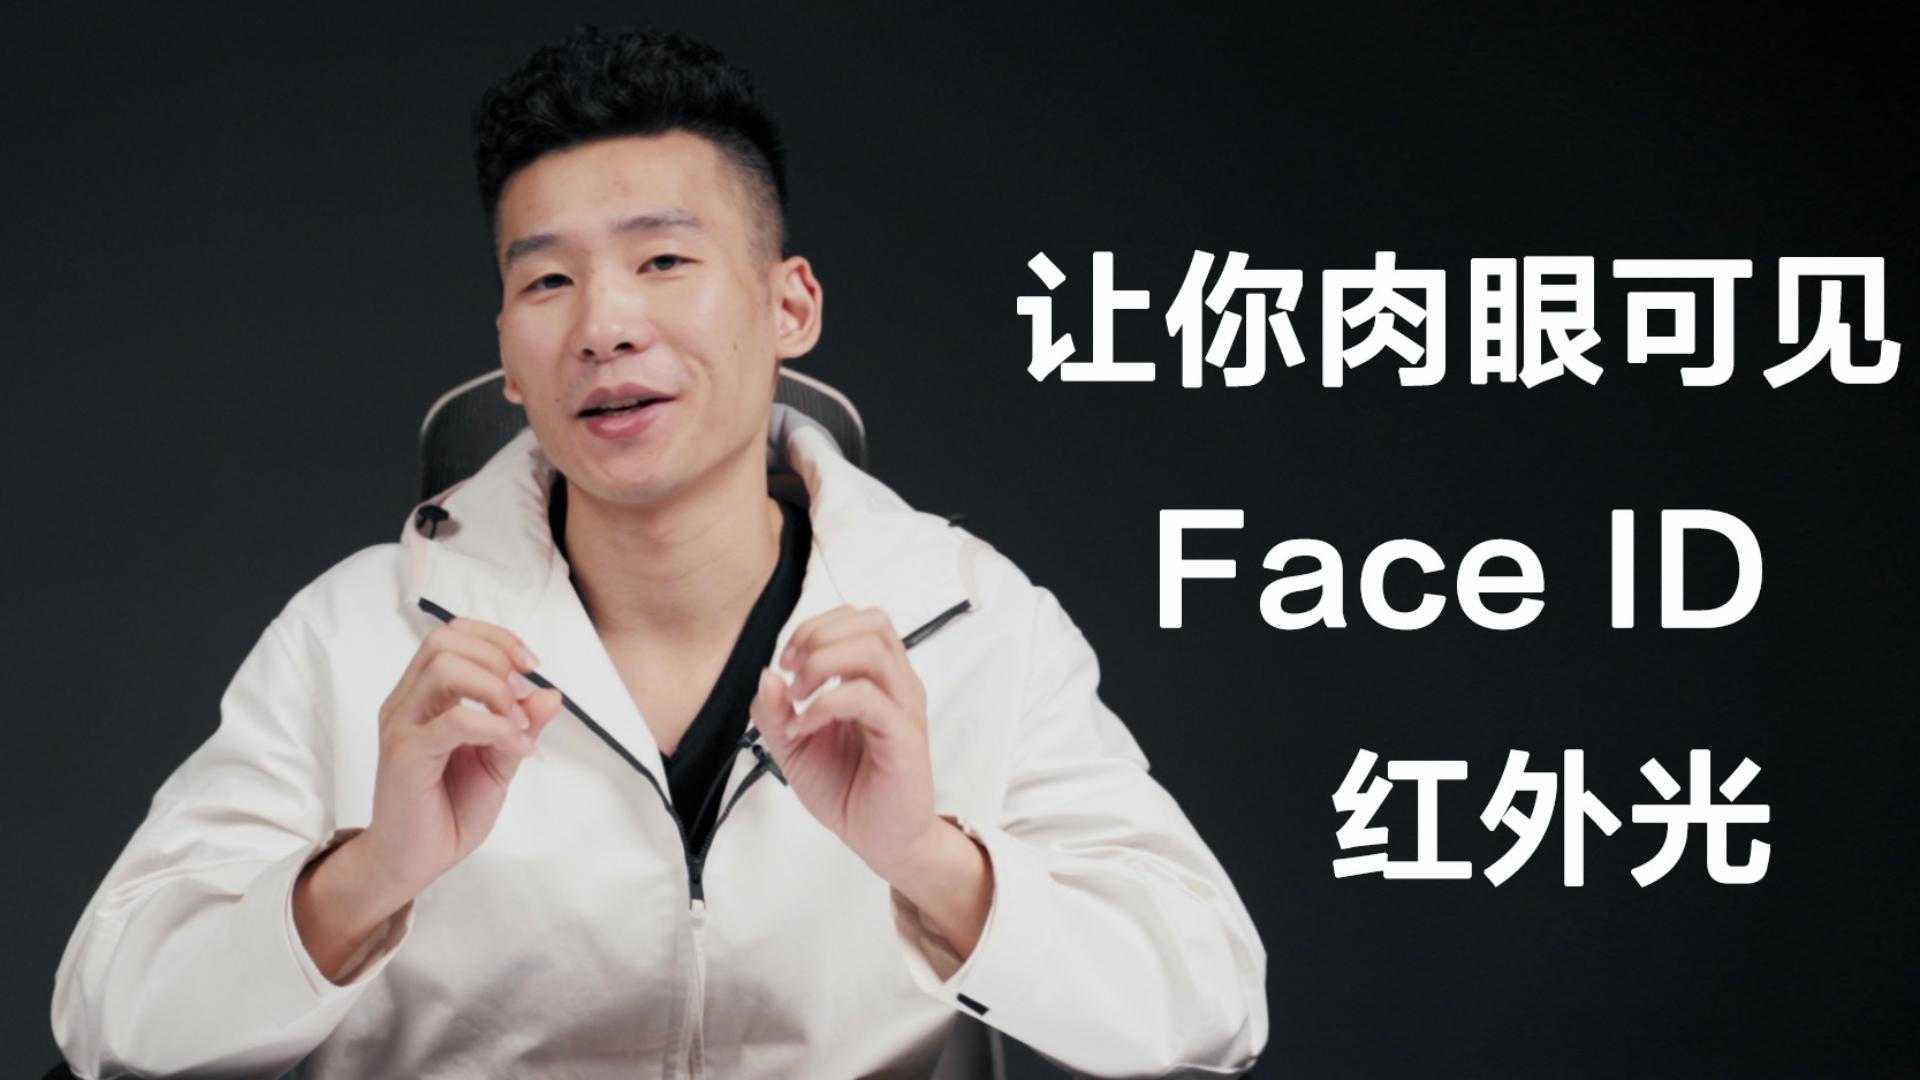 【Face ID】99元就能看到手机面容识别发出的红外光-艾奥科技